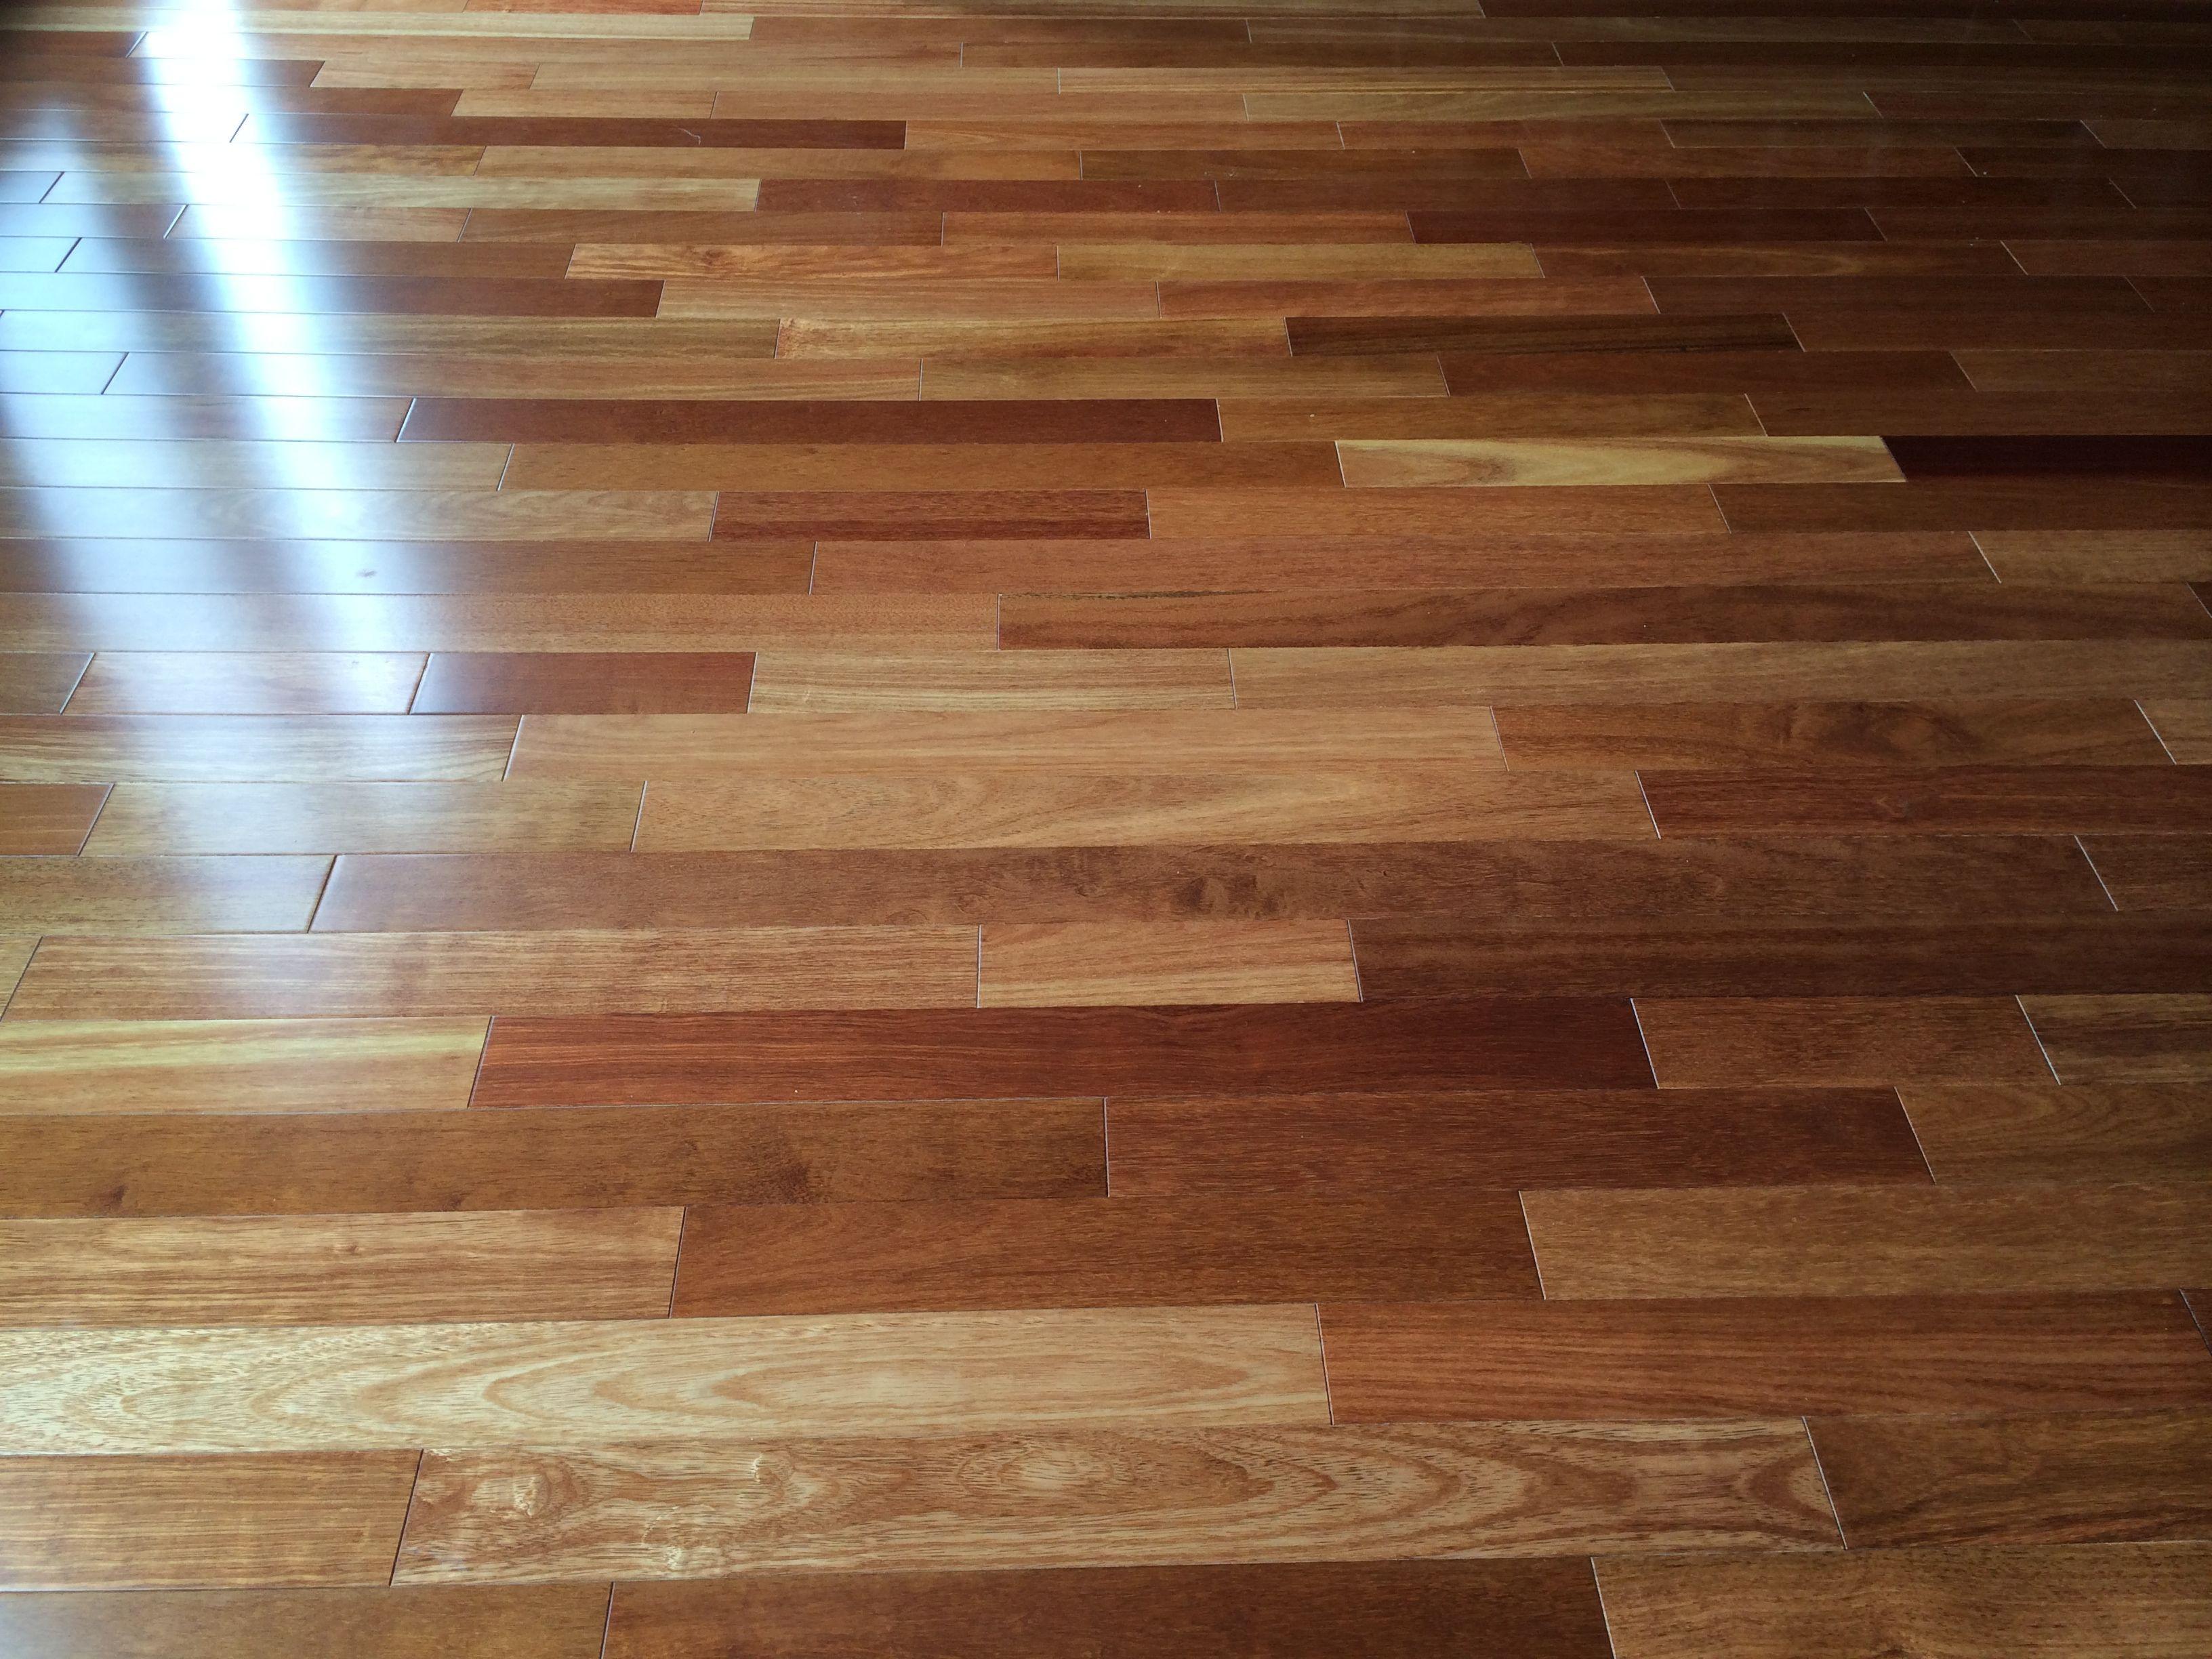 refinishing bruce engineered hardwood floors of hickory hardwood flooring rustic hickory sand and refinish capell for hickory hardwood flooring level 2 prefinished hardwood natural